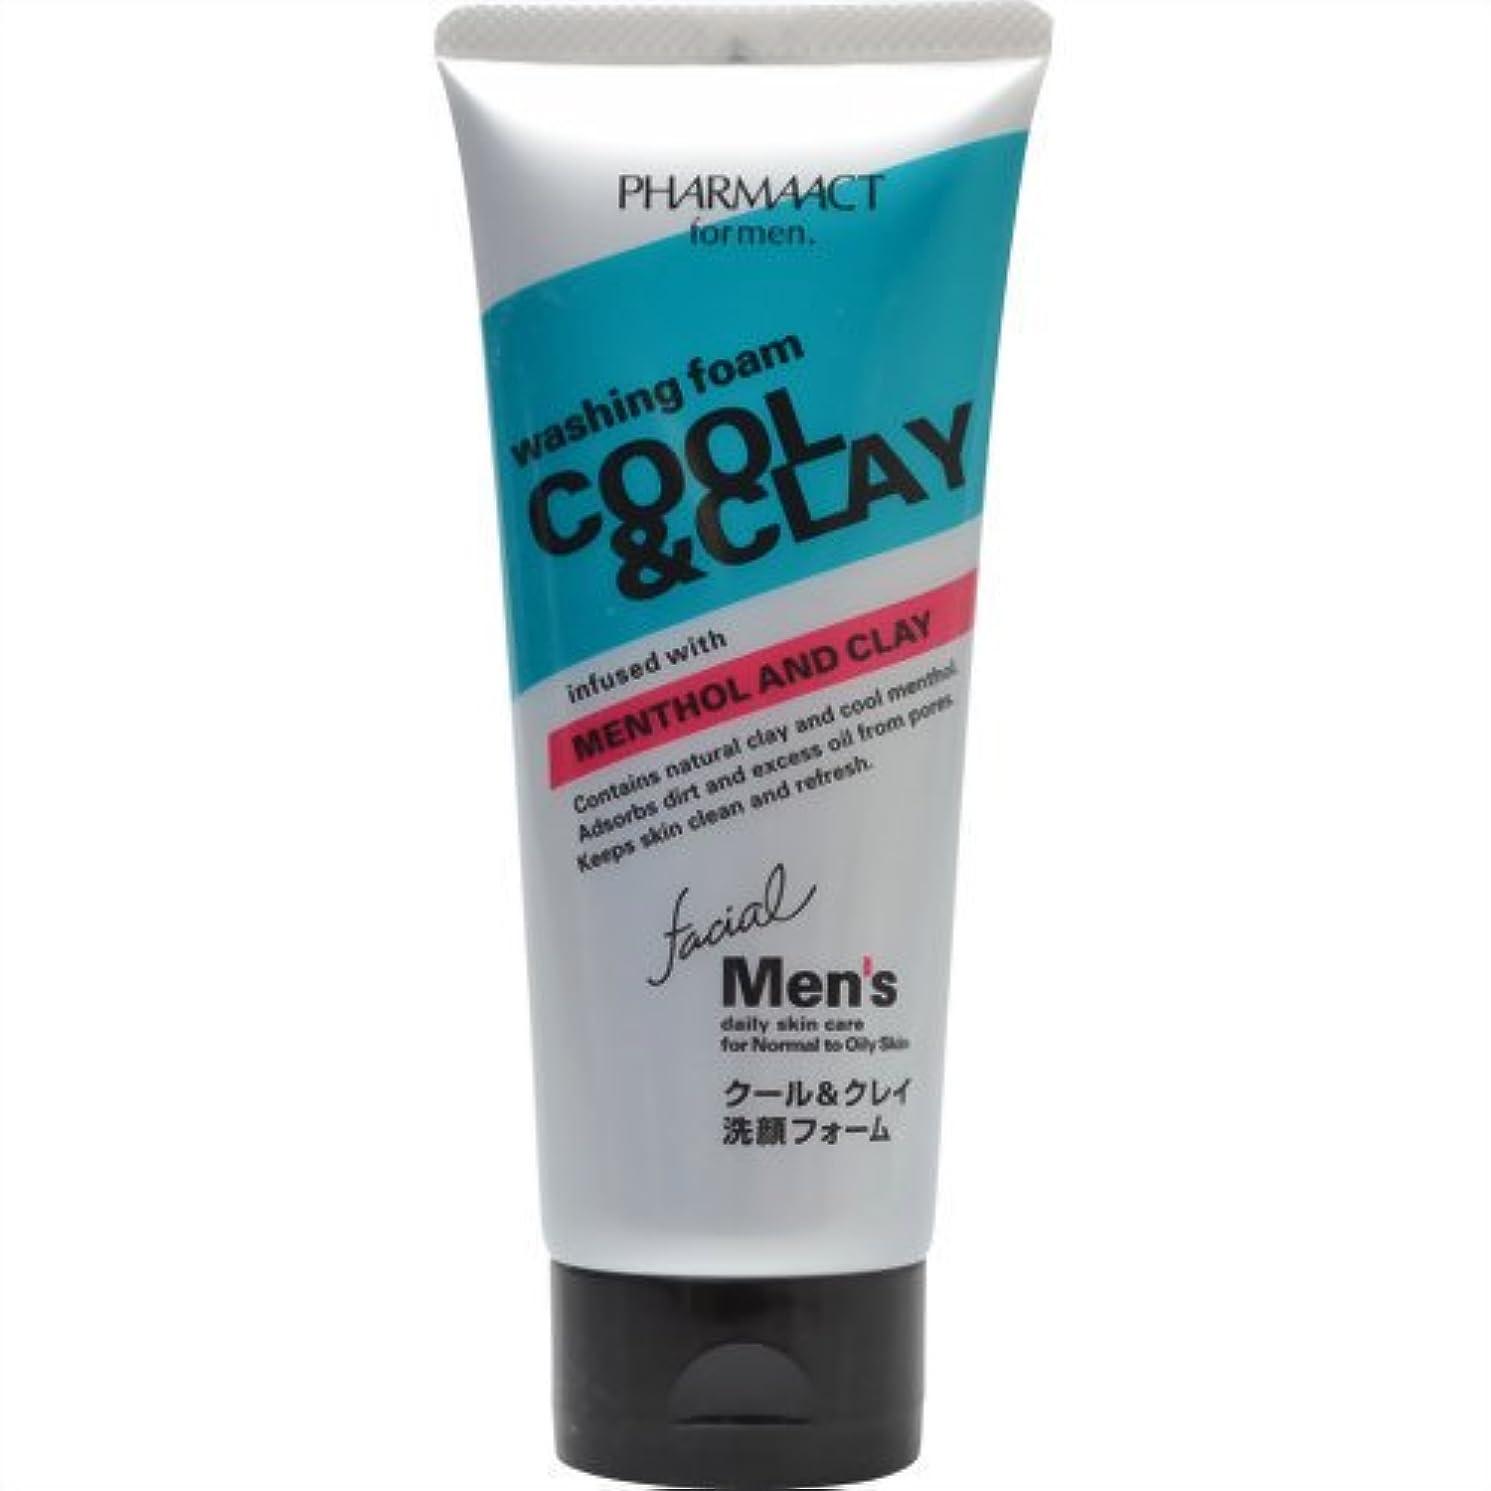 勝利した確率化学薬品ファーマアクト メンズ クール&クレイ洗顔フォーム 130g